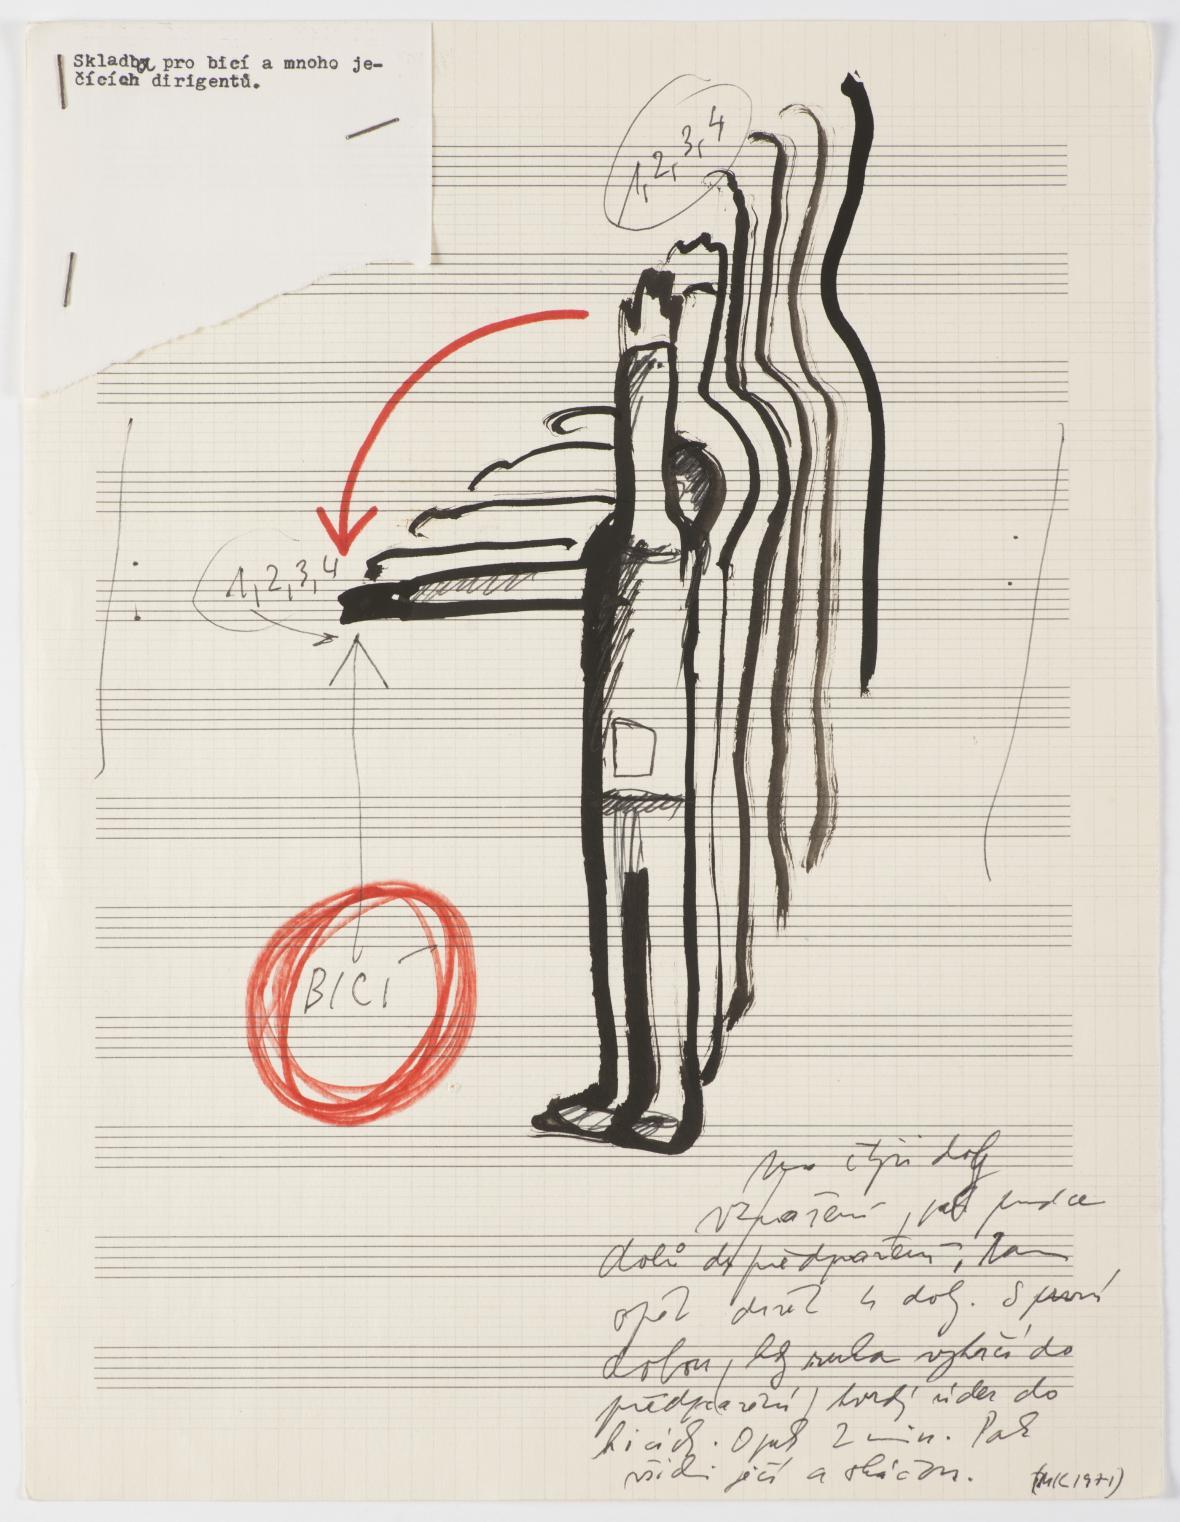 Milan Knížák / Actual Music (partitury), kolem 1965, Galerie hlavního města Prahy